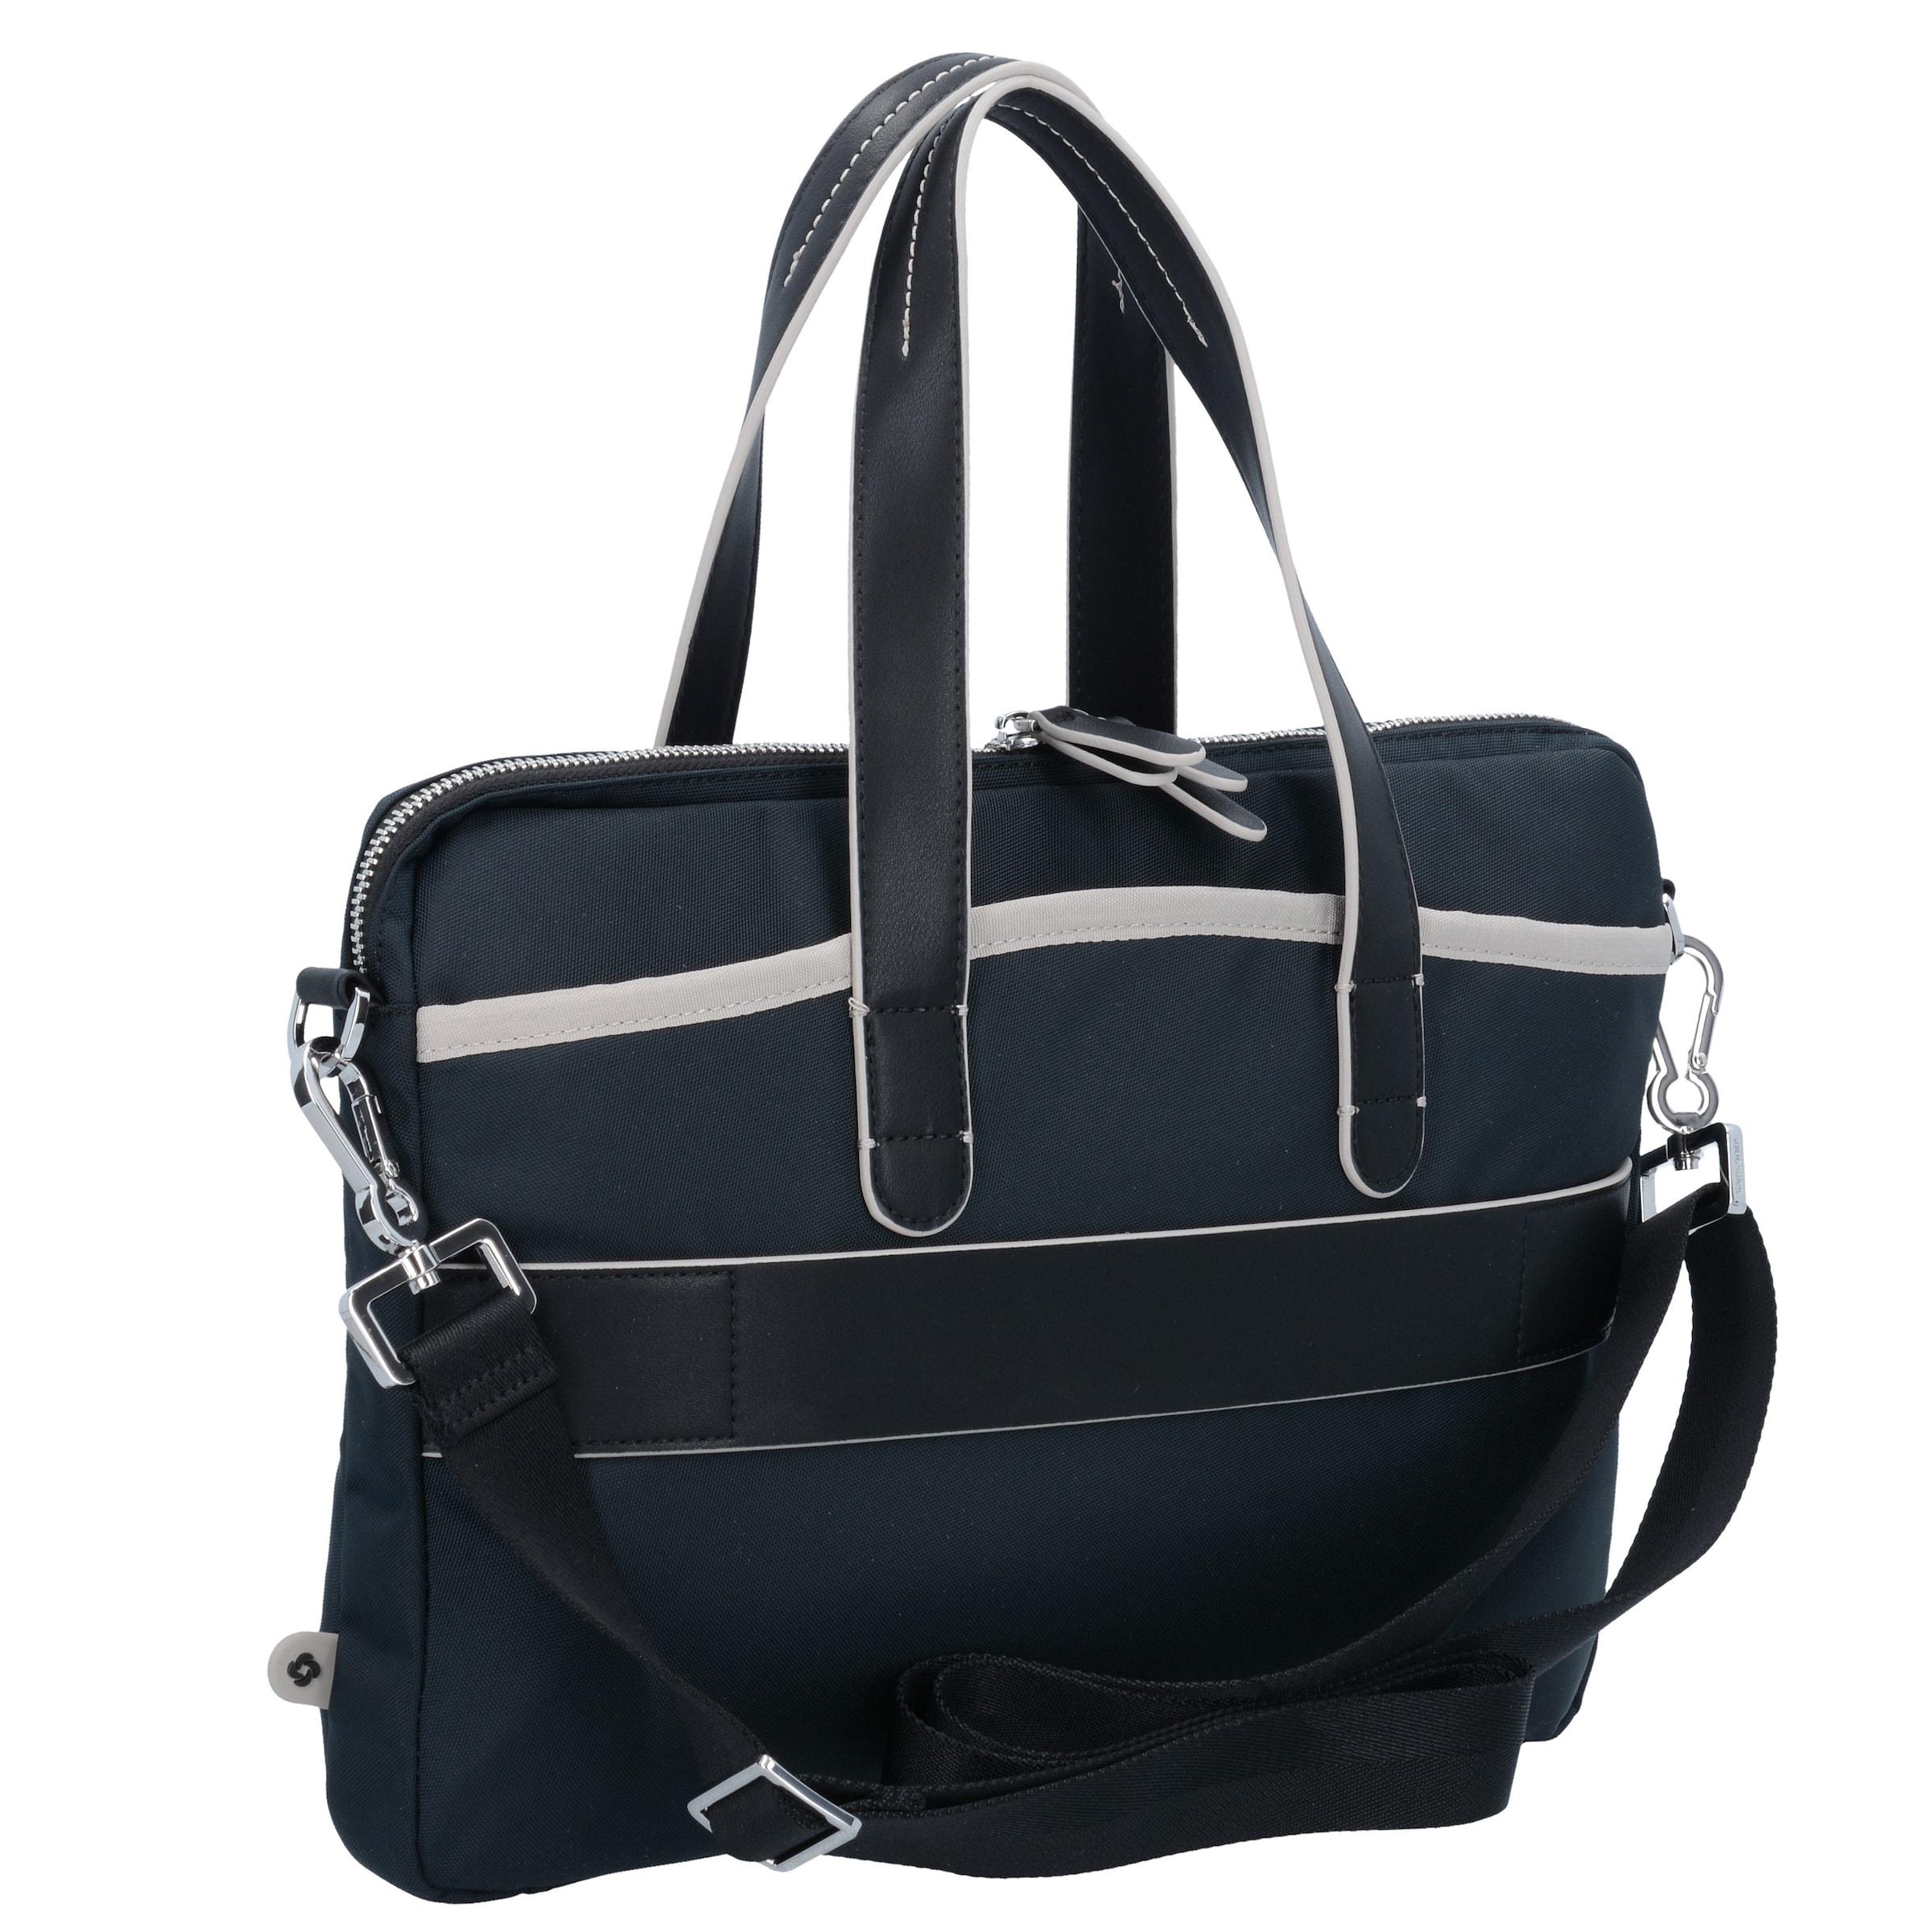 Viele Arten Von Günstigem Preis Qualität Frei Für Verkauf SAMSONITE Nefti Businesstasche 32 cm Laptopfach Verkauf Ausverkauf Neu Werden lMw1uXY4n